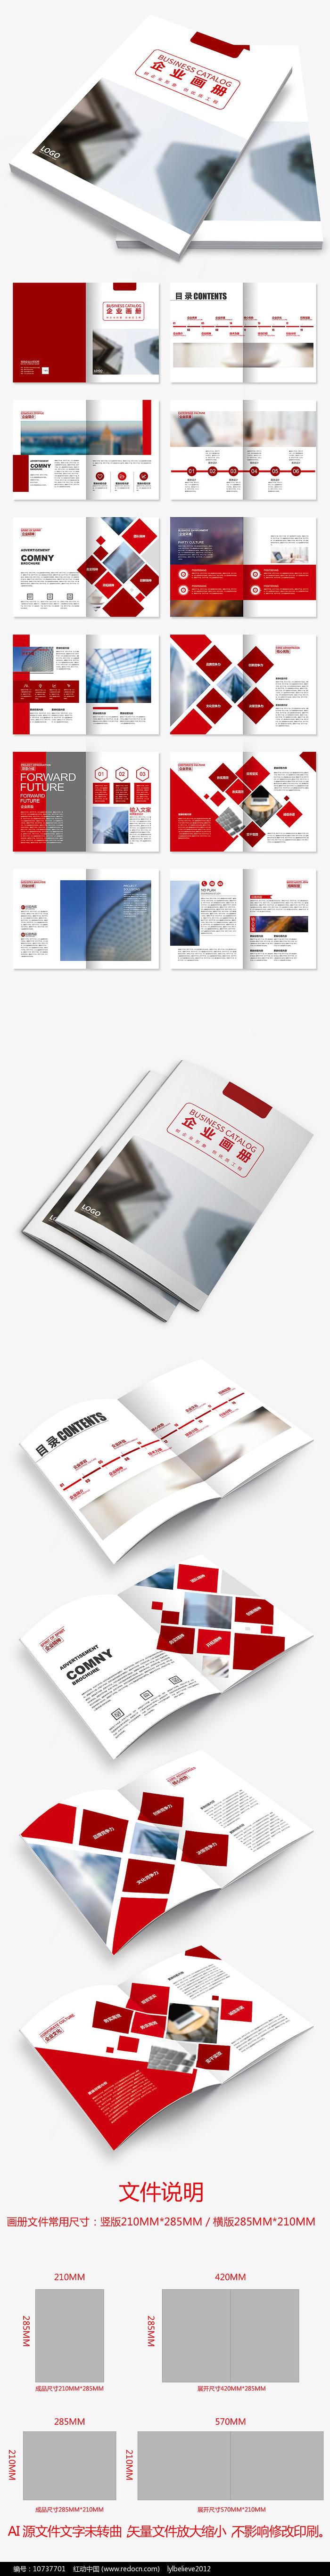 红色商务招商公司宣传册企业画册设计模板图片